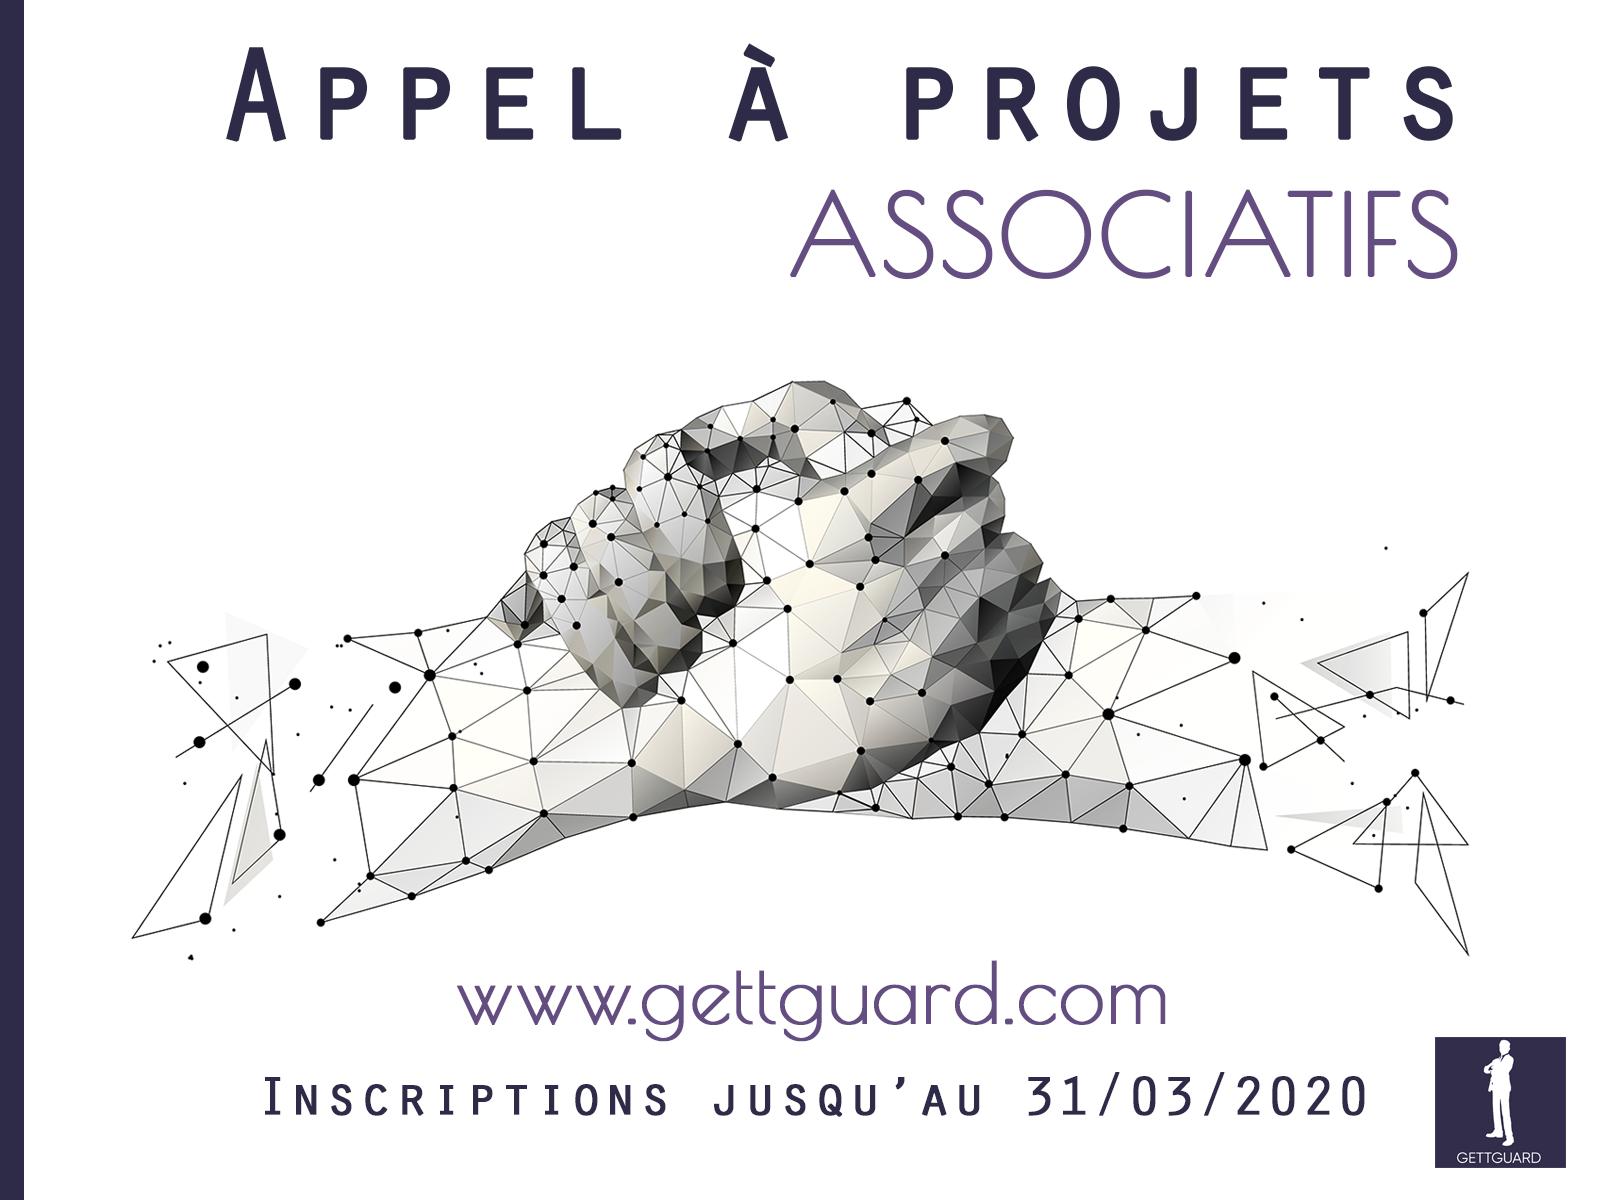 GettGuard lance un appel à projets associatifs 2020